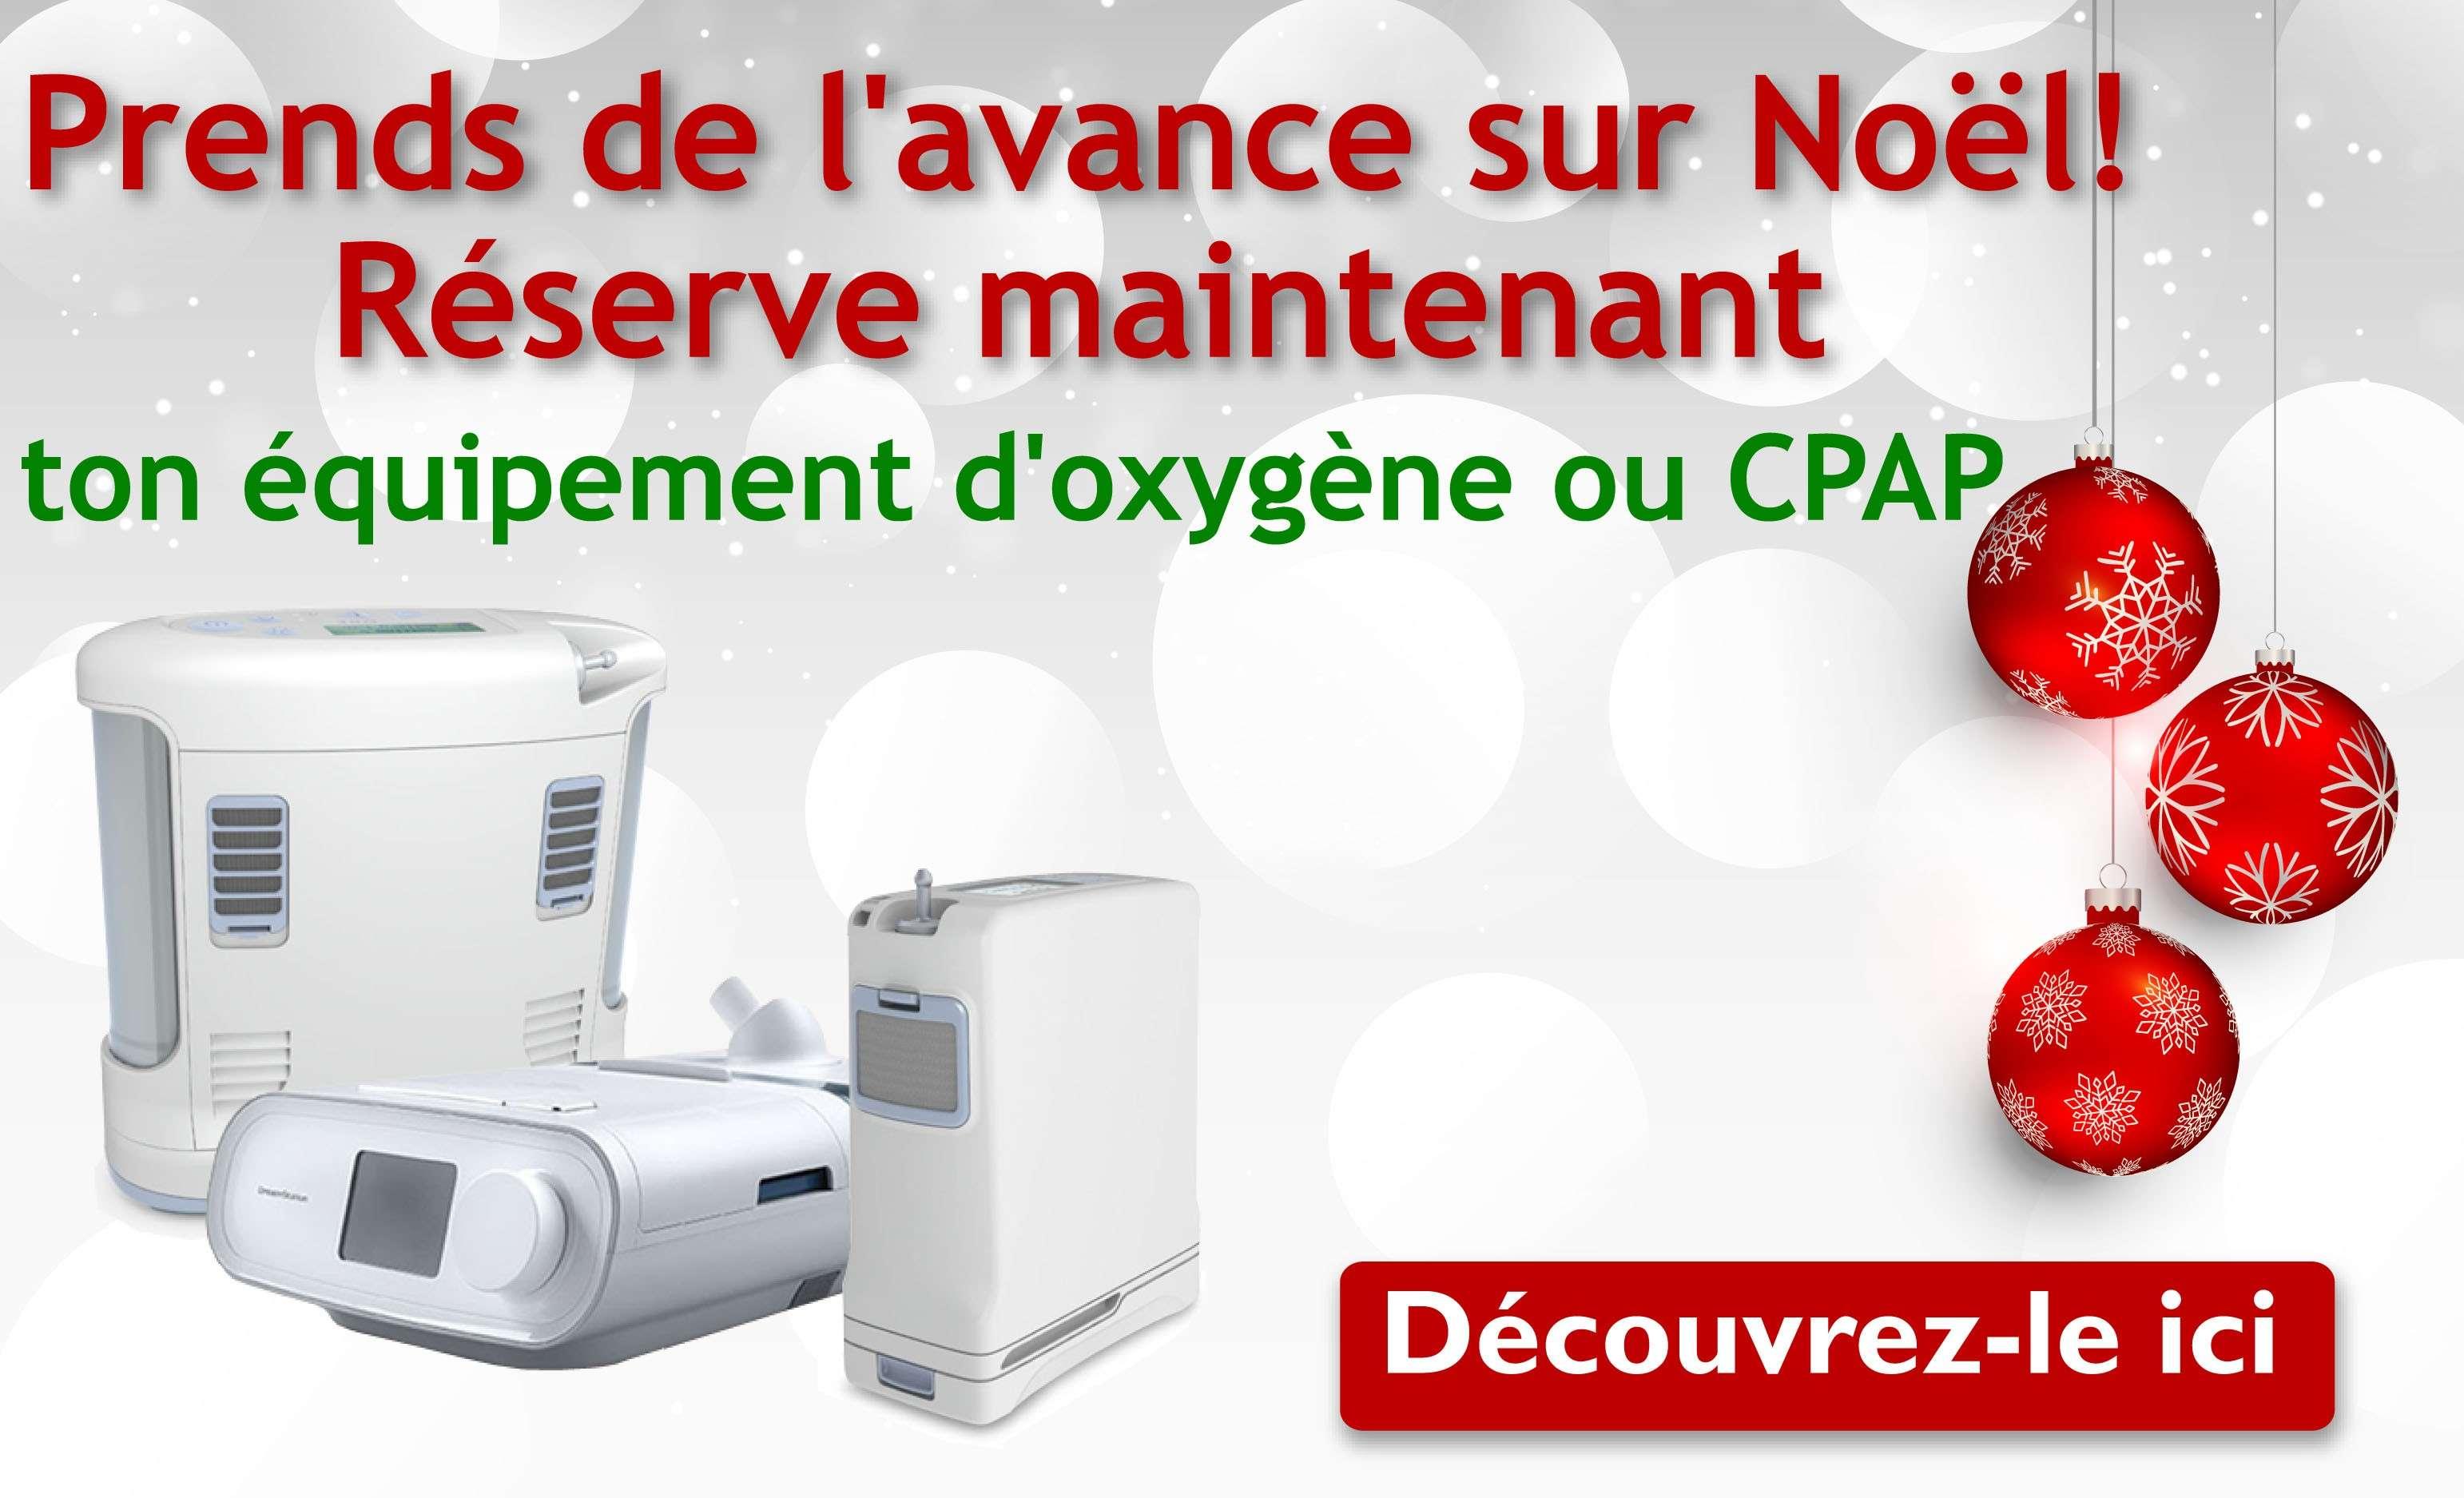 Réservez ton èquipement d'oxygène ou CPAP